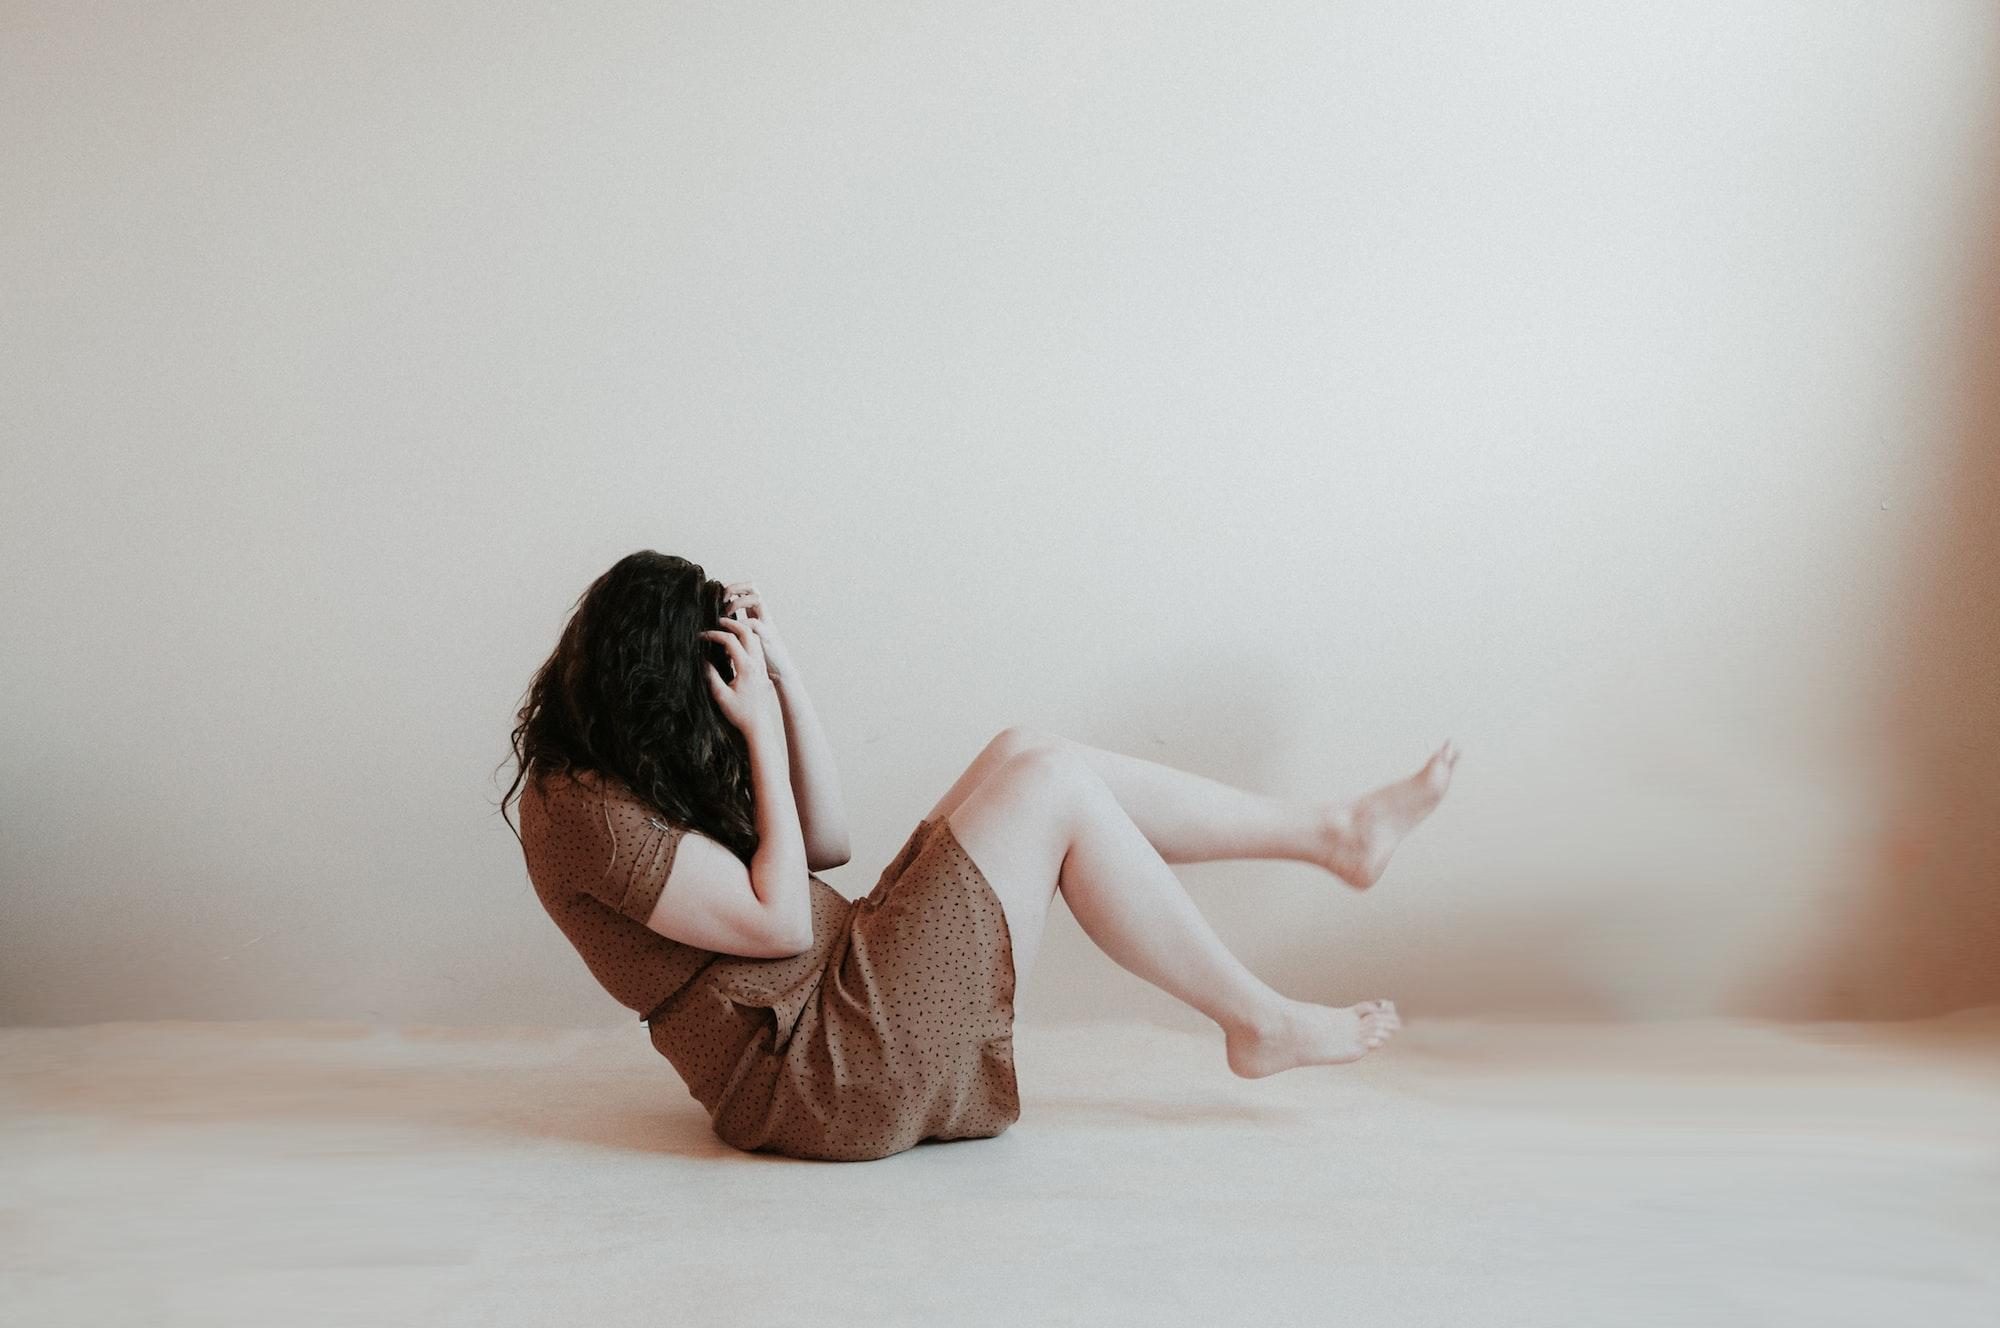 โรคแพนิค อาการ สาเหตุ วิธีรักษา (Panic disorder)